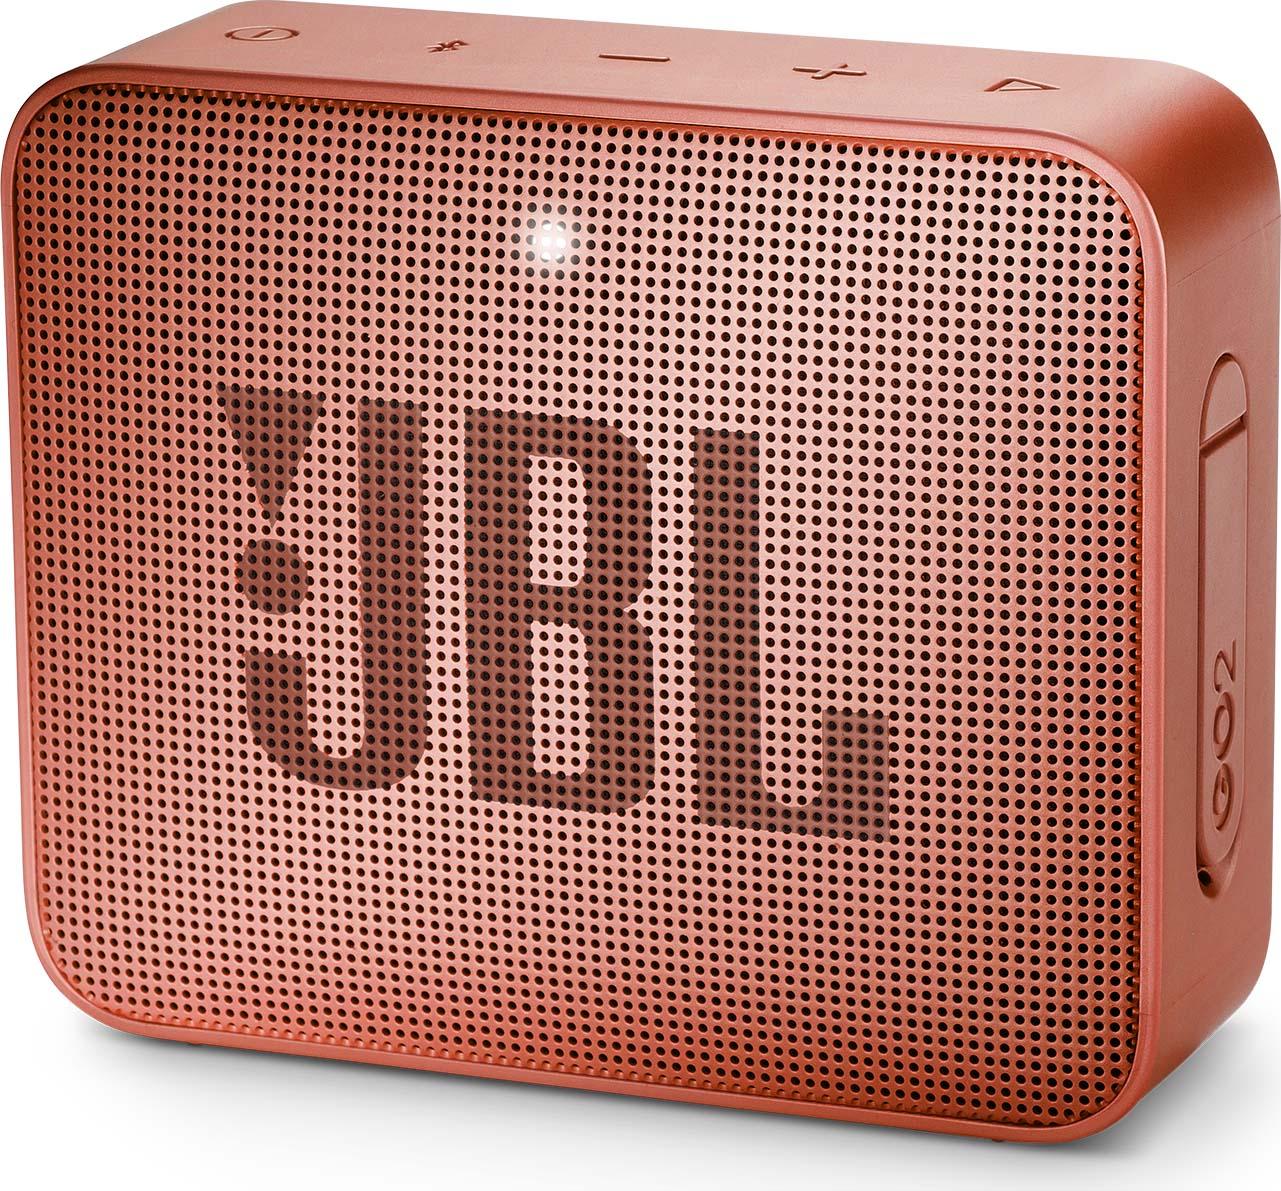 Беспроводная колонка JBL Go 2, Cinnamon беспроводная колонка jbl go 2 cinnamon